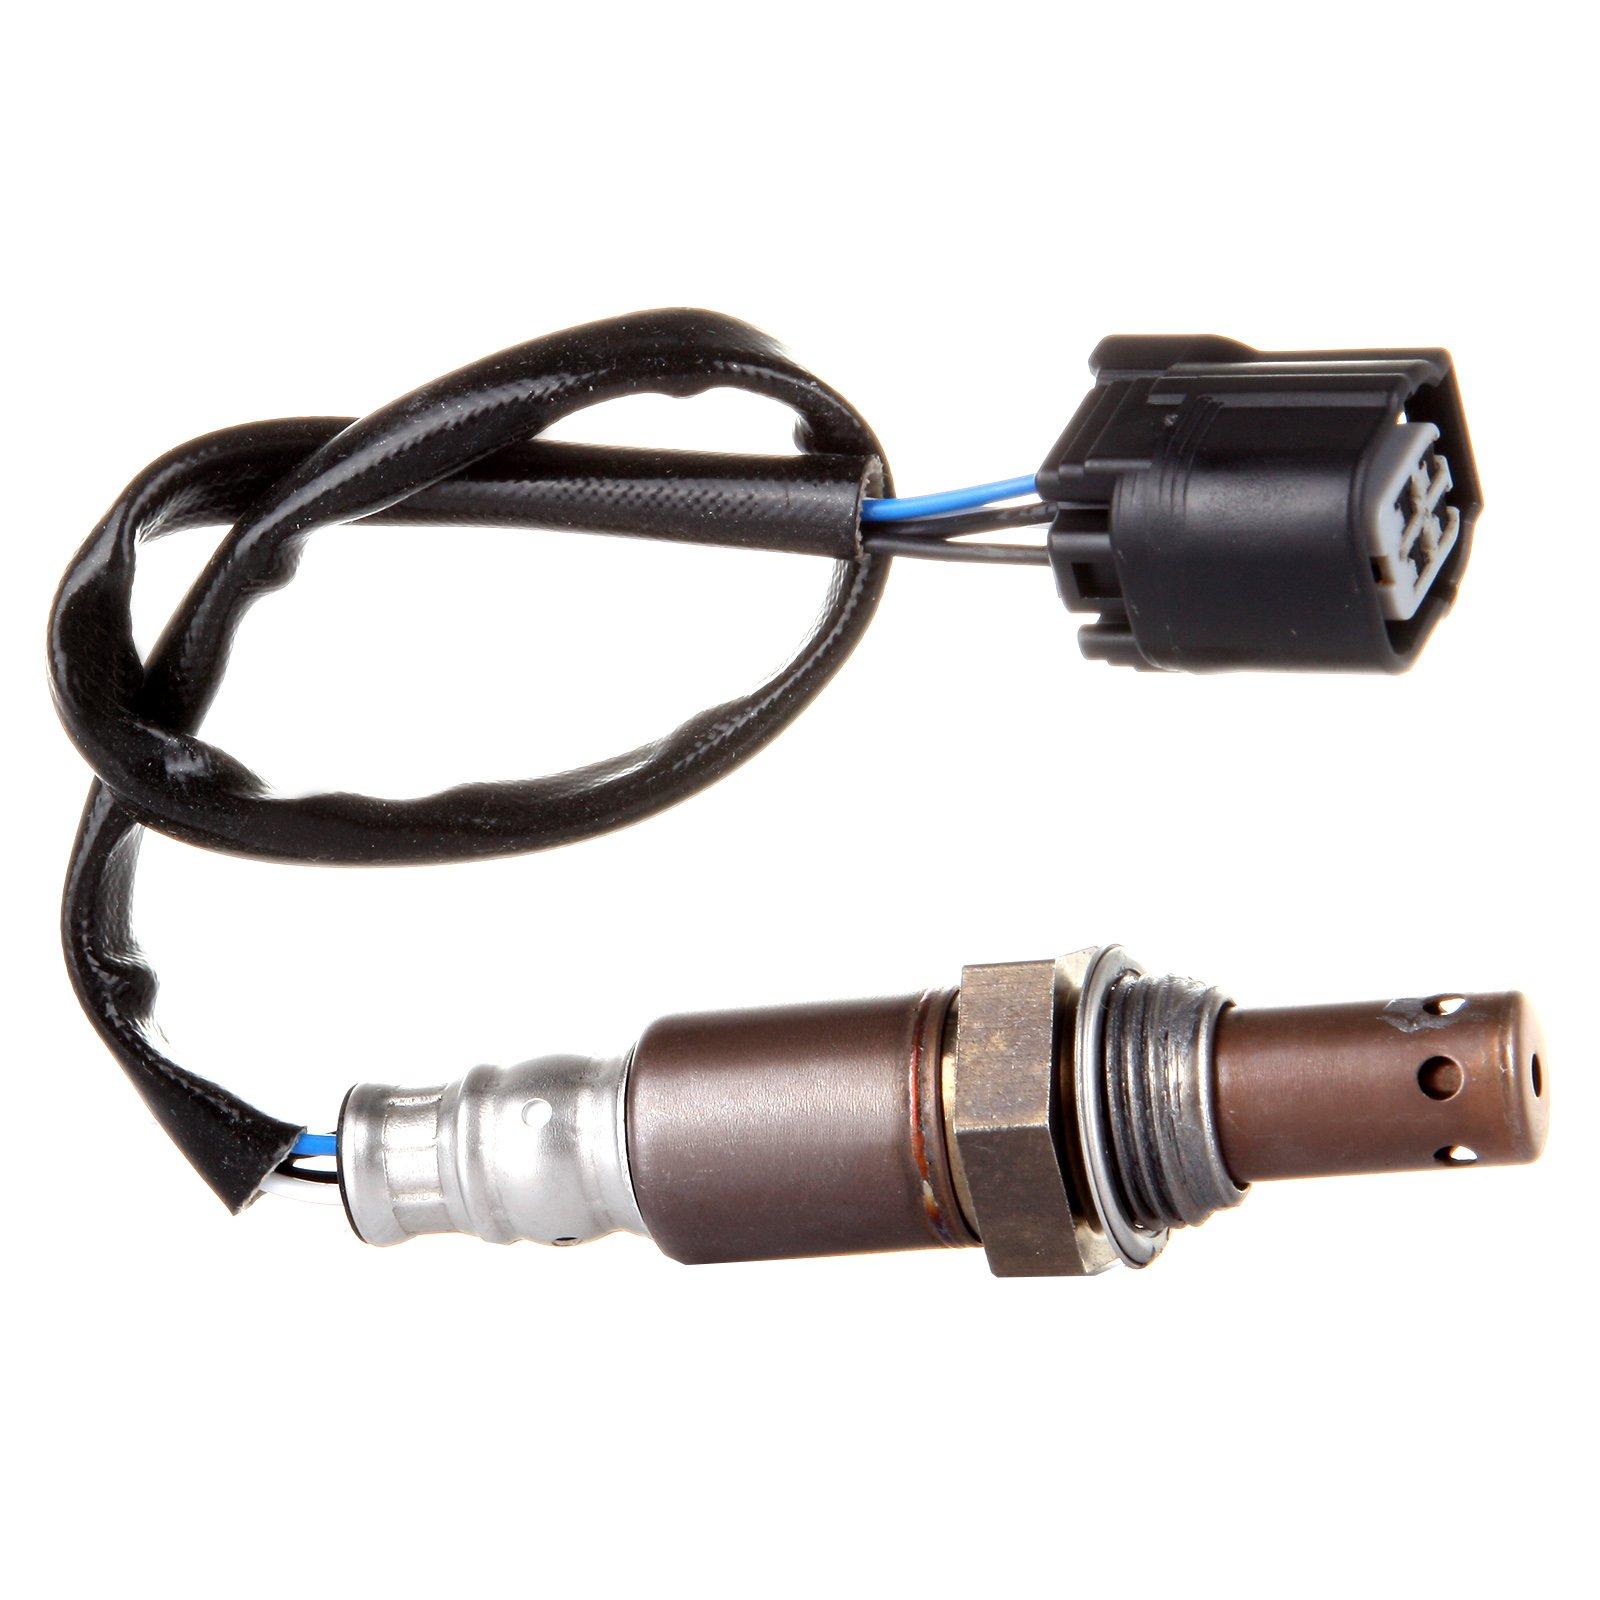 ECCPP Air Fuel Ratio Sensor Oxygen Sensor Upstream Fit 234-9062 for 2006-2011AcuraCSX/HondaCivic Sedan 2.0L 2007-2008 Honda Fit Hatchback 1.5L